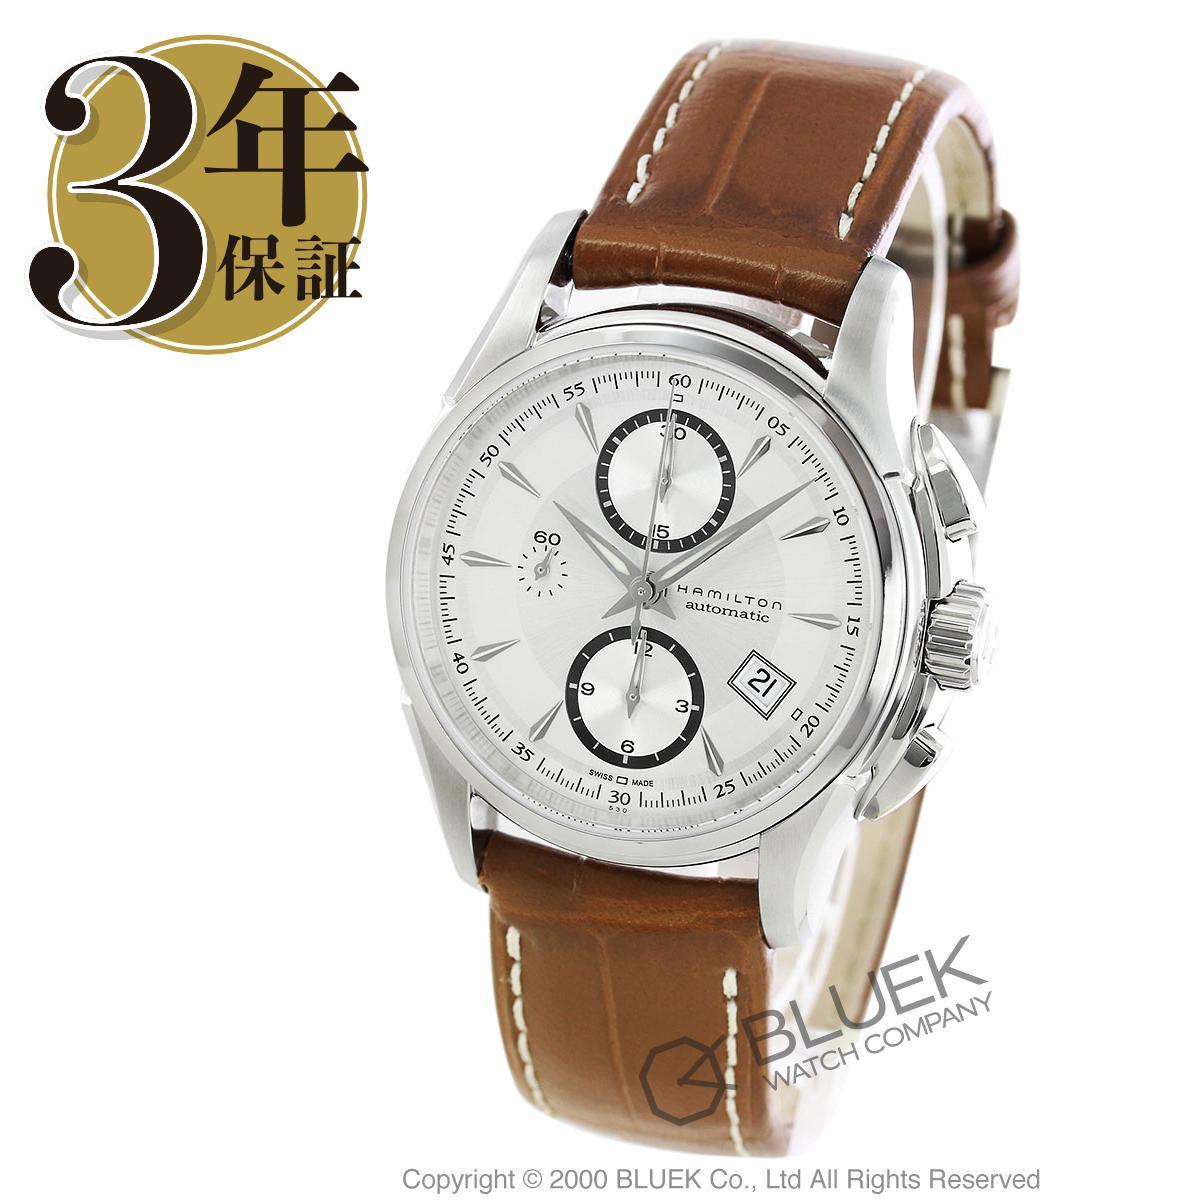 【最大3万円割引クーポン 11/01~】ハミルトン ジャズマスター オート クロノ クロノグラフ 腕時計 メンズ HAMILTON H32616553_8